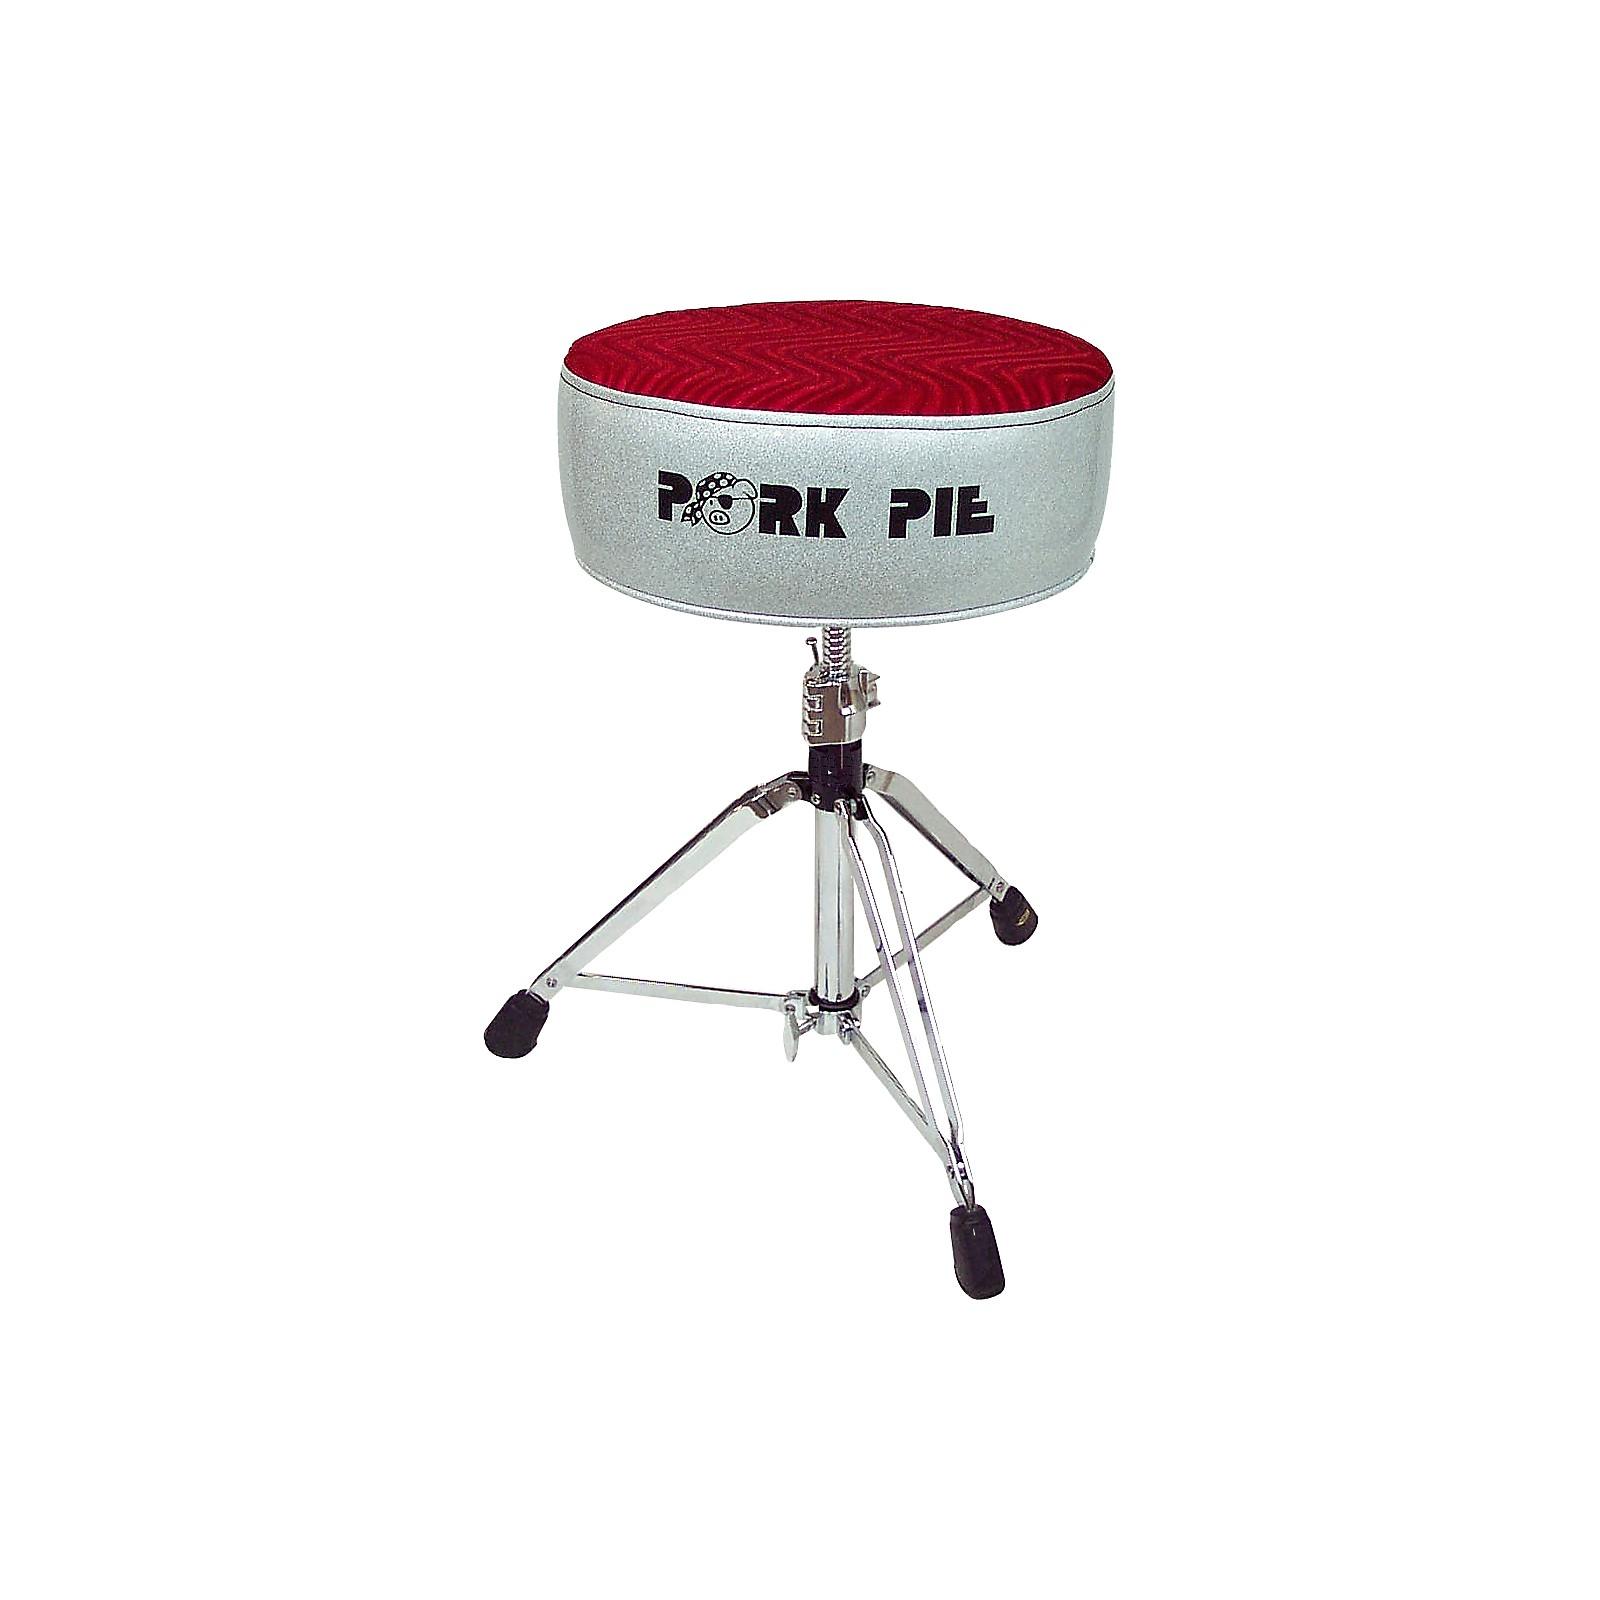 Pork Pie Round Drum Throne